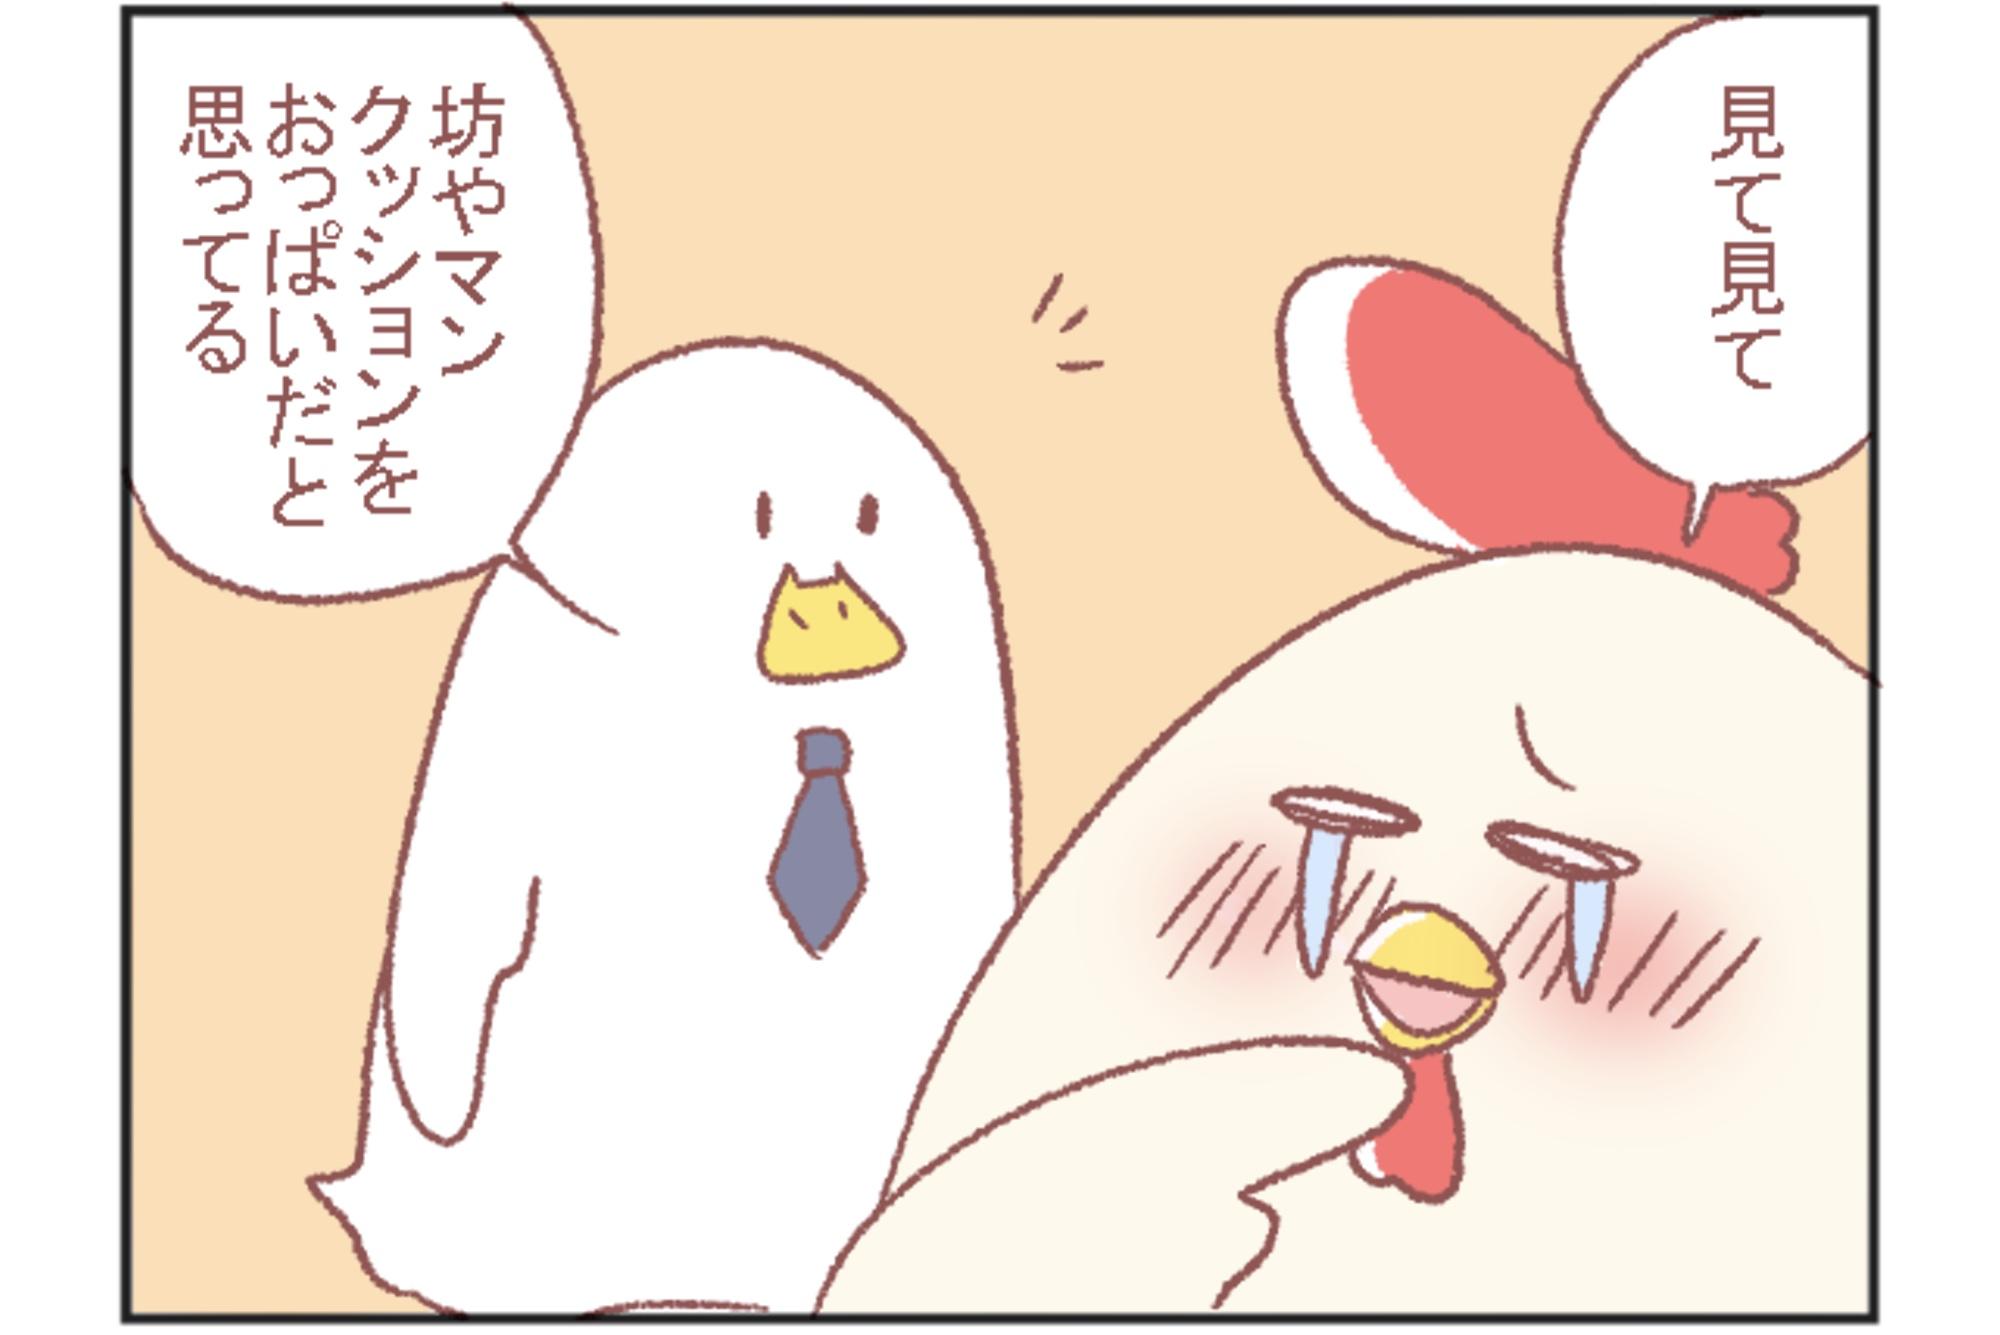 鳥谷丁子のオモテ育児・ウラ育児#6「正論」